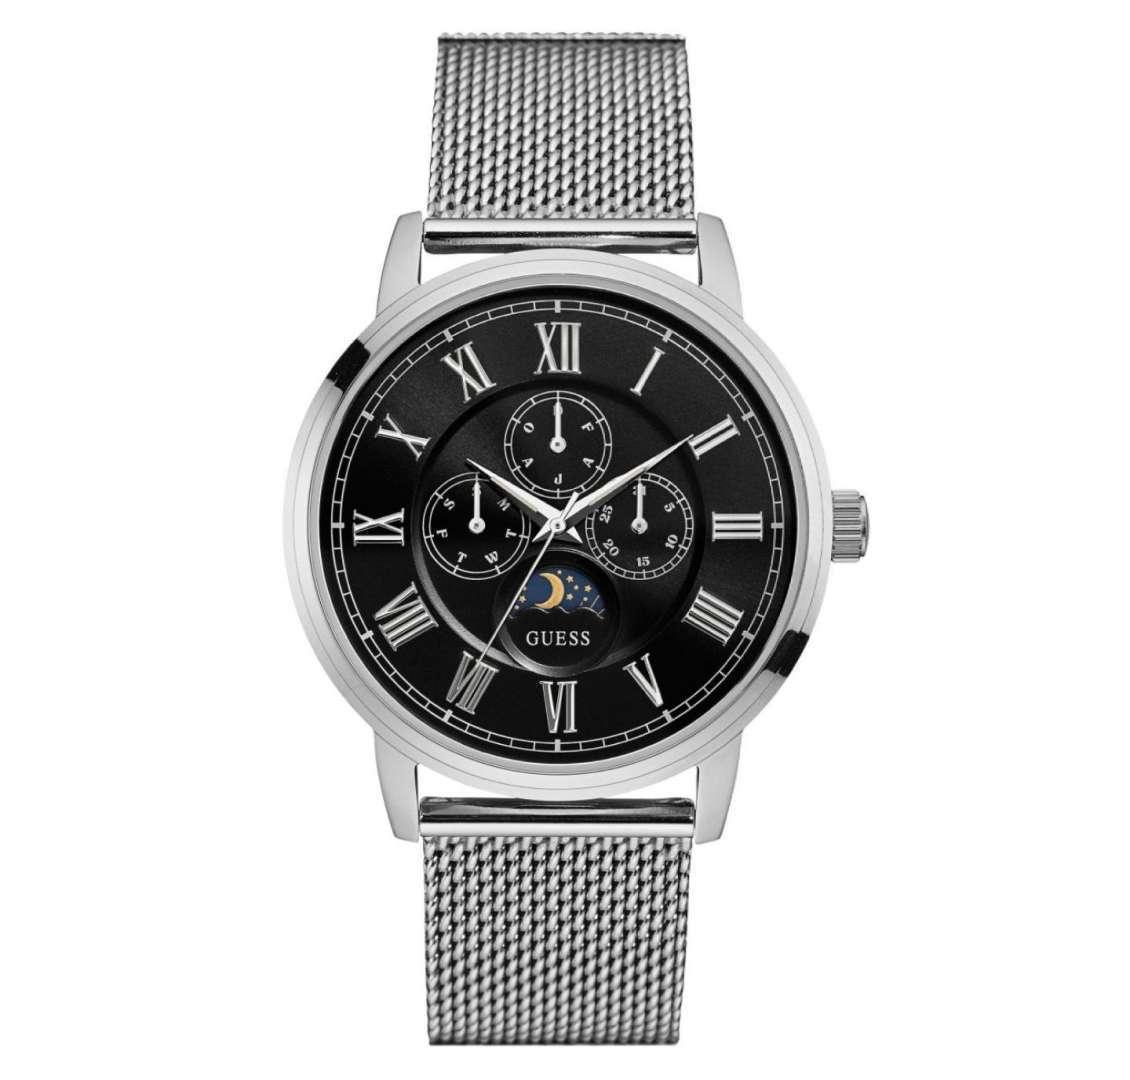 שעון יד אנלוגי דגם: guess W0871G1 גאס